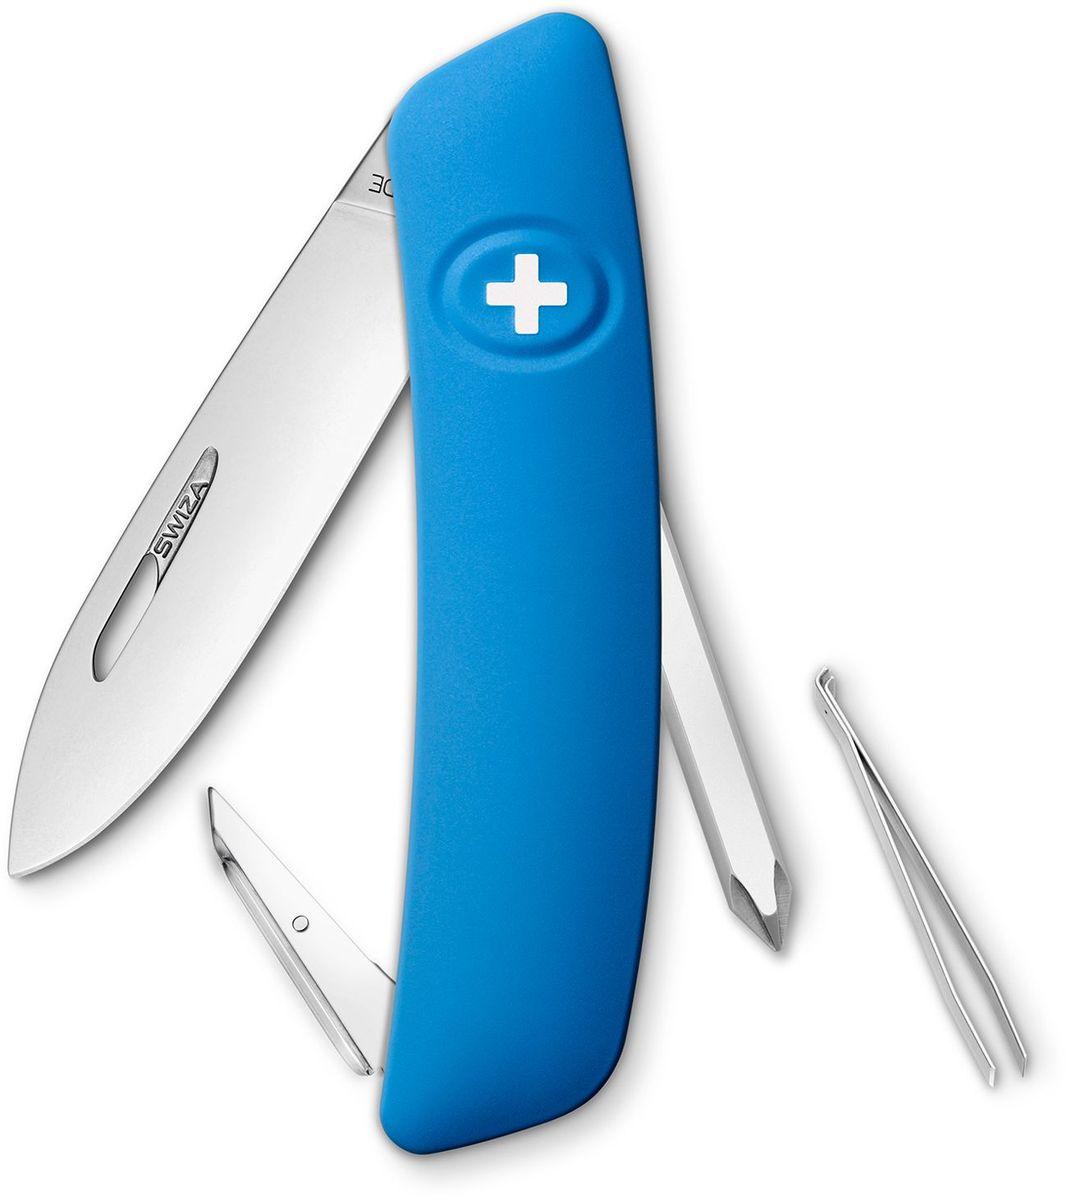 Нож швейцарский SWIZA D02, цвет: синий, длина клинка 7,5 смKNI.0020.1030Швейцарский нож (SWIZA D02) с его революционной формой и безопасной рукояткой, легко раскладываемой ручкой - самый удобный и простой в использовании швейцарский нож на все времена. Эргономично изогнутая форма ножа обеспечивает более легкий доступ к инструментам, а пазы позволяют легко их открывать, как левой, так и правой рукой. Пожизненная гаратния на ножи SWIZA обеспечивают долговременное использование 1. нож перочинный , 2. отвертка Phillips , 3. ример/дырокол 4. шило, 5. безопасная блокировка лезвий, 6. пинцет